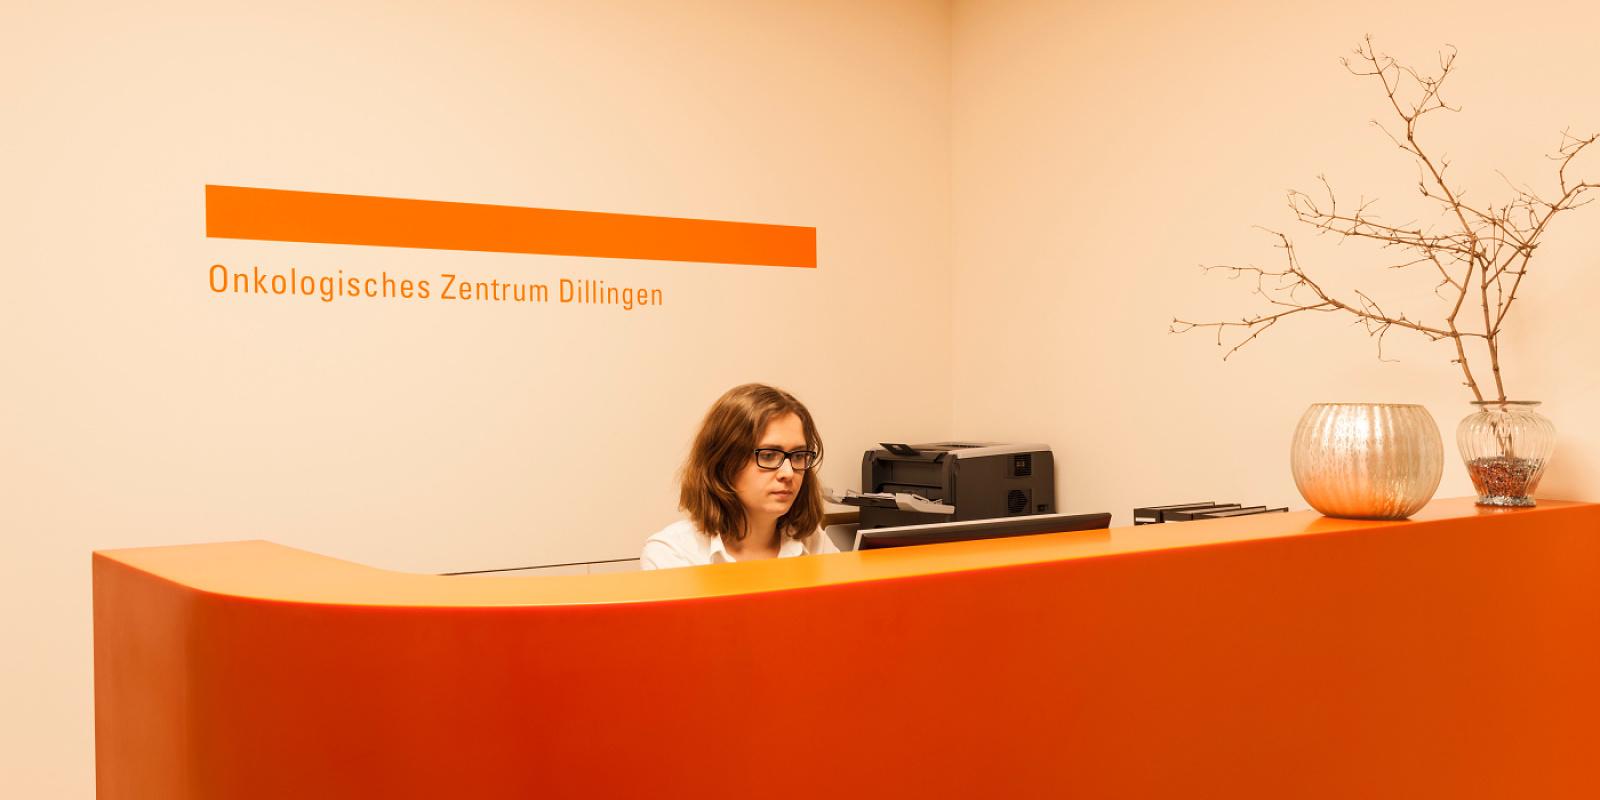 Innenarchitekt Frankfurt Am erco licht entdecken reportage onkologisches zentrum dillingen